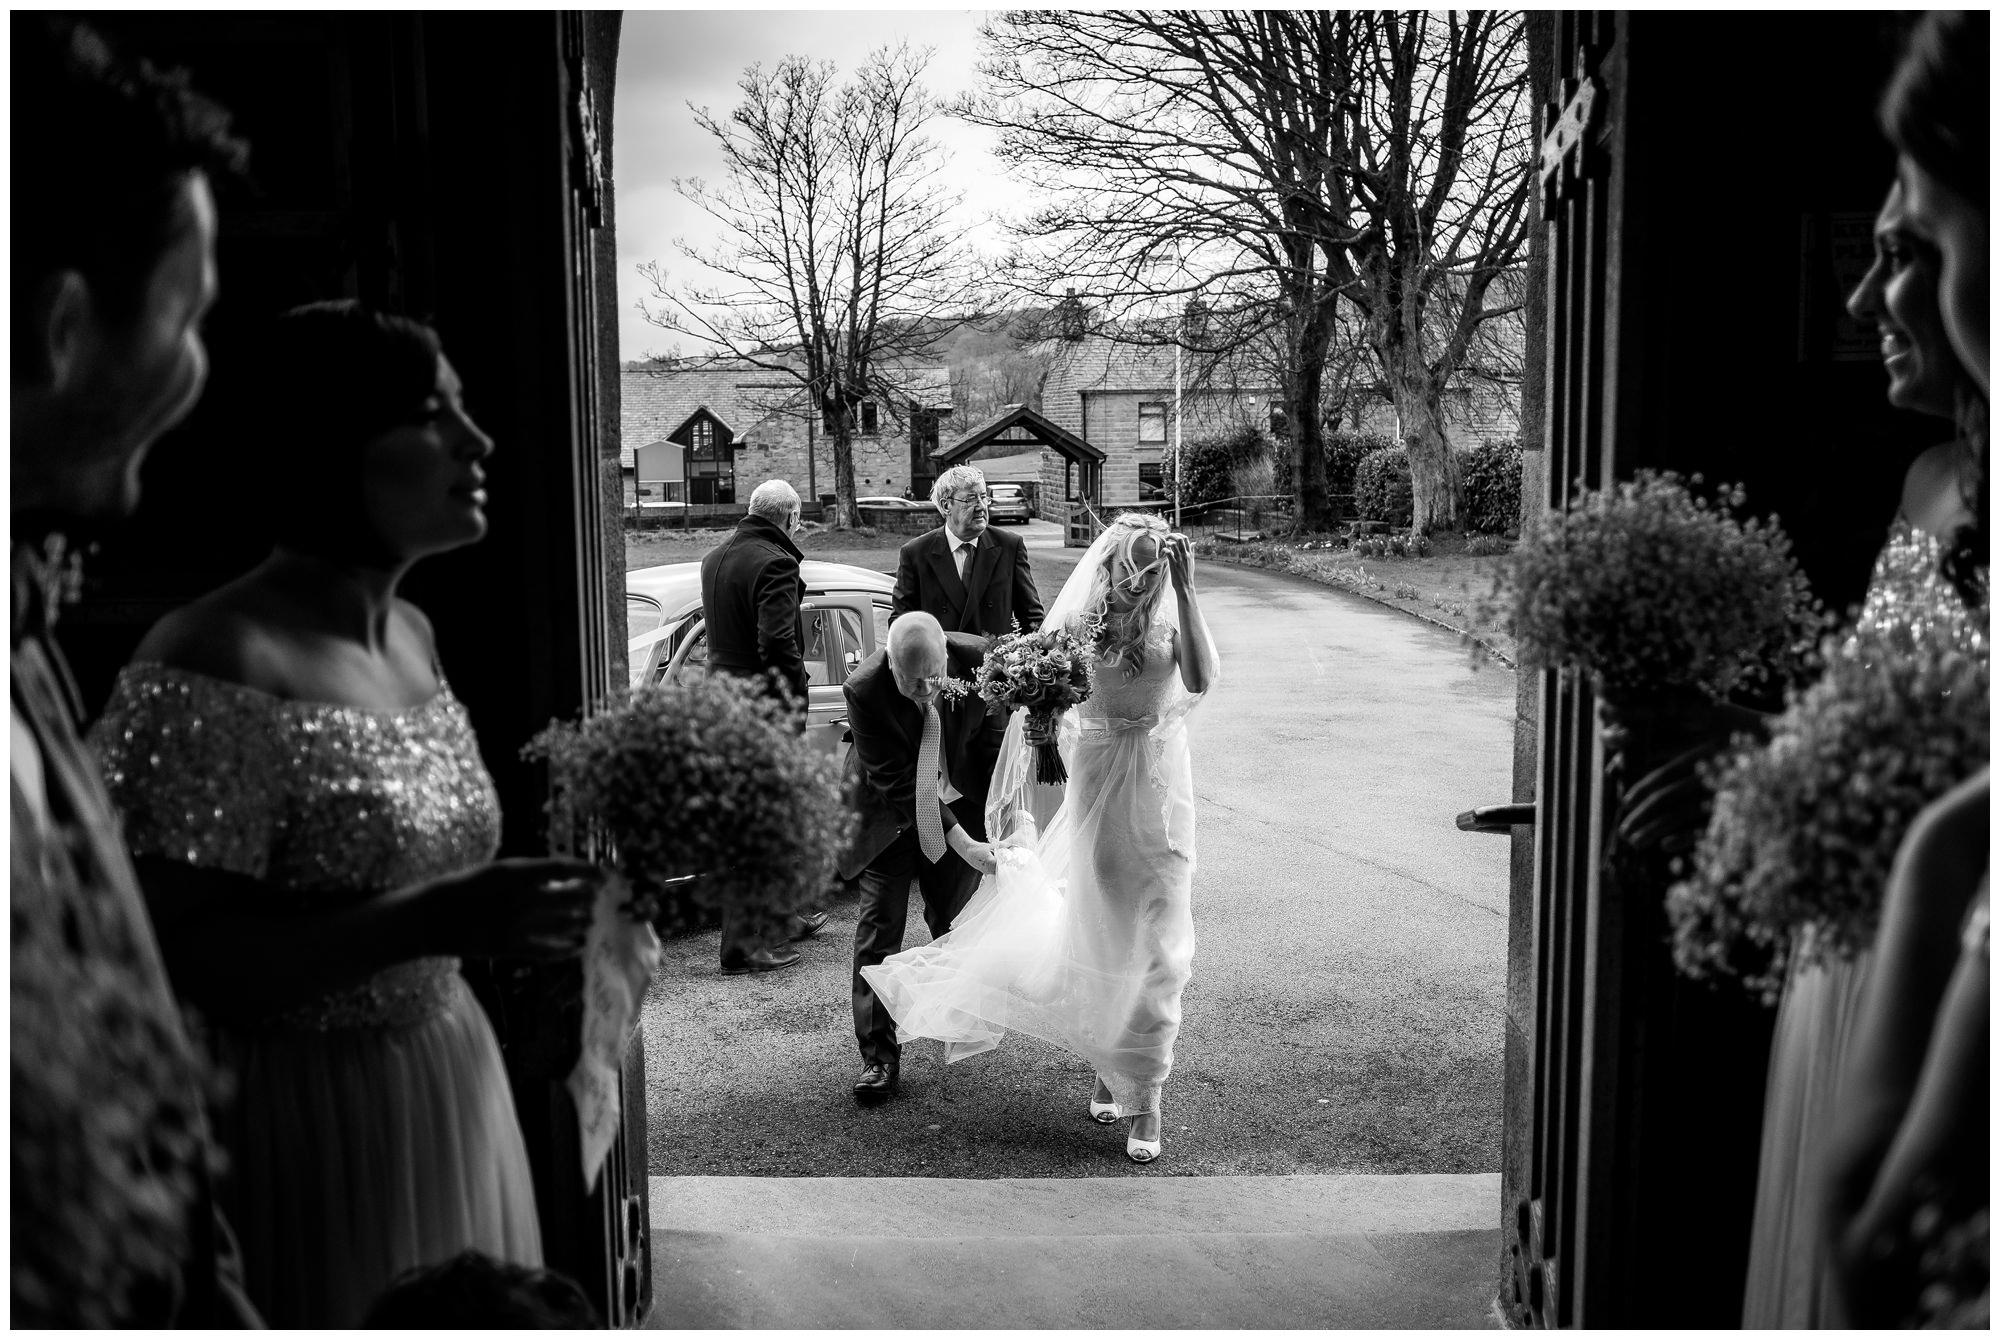 the-wellbeing-farm-wedding-photography_0002.jpg